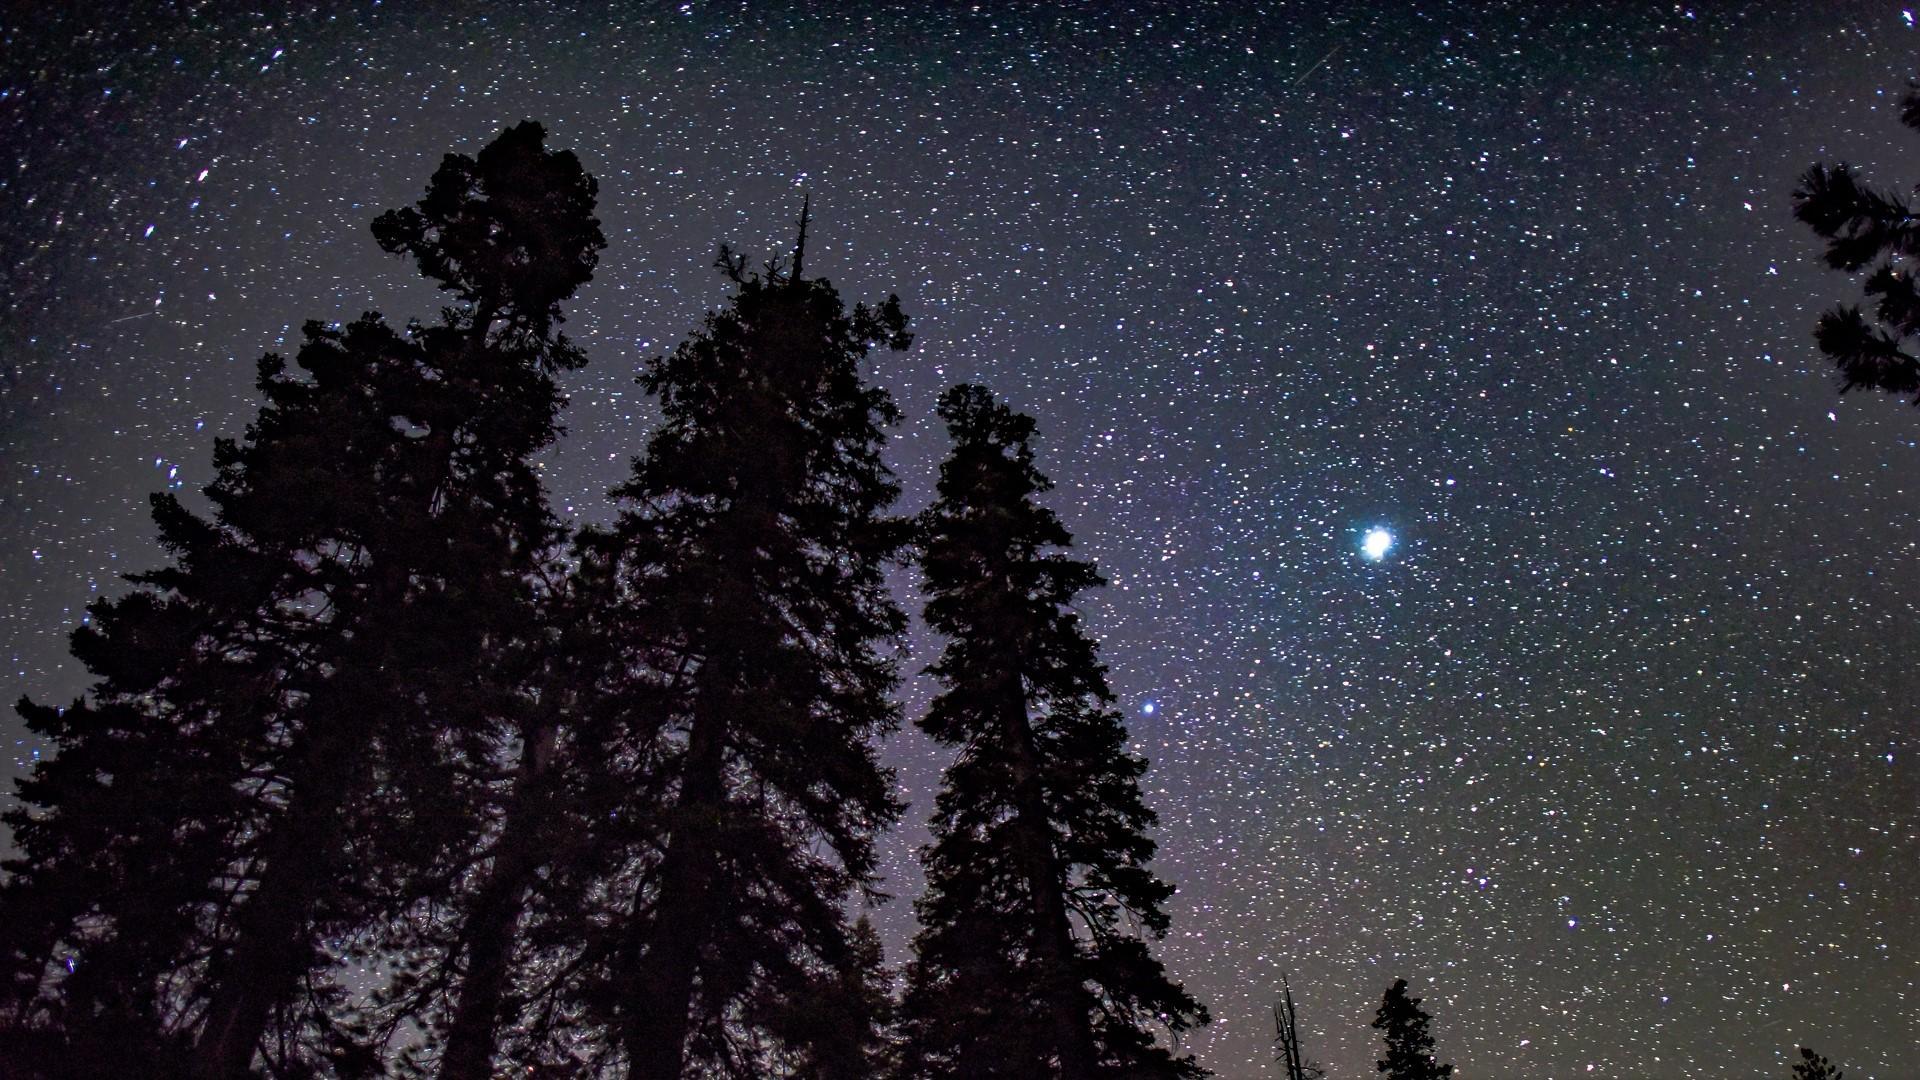 Ảnh Bầu trời về đêm đẹp lung linh Full HD